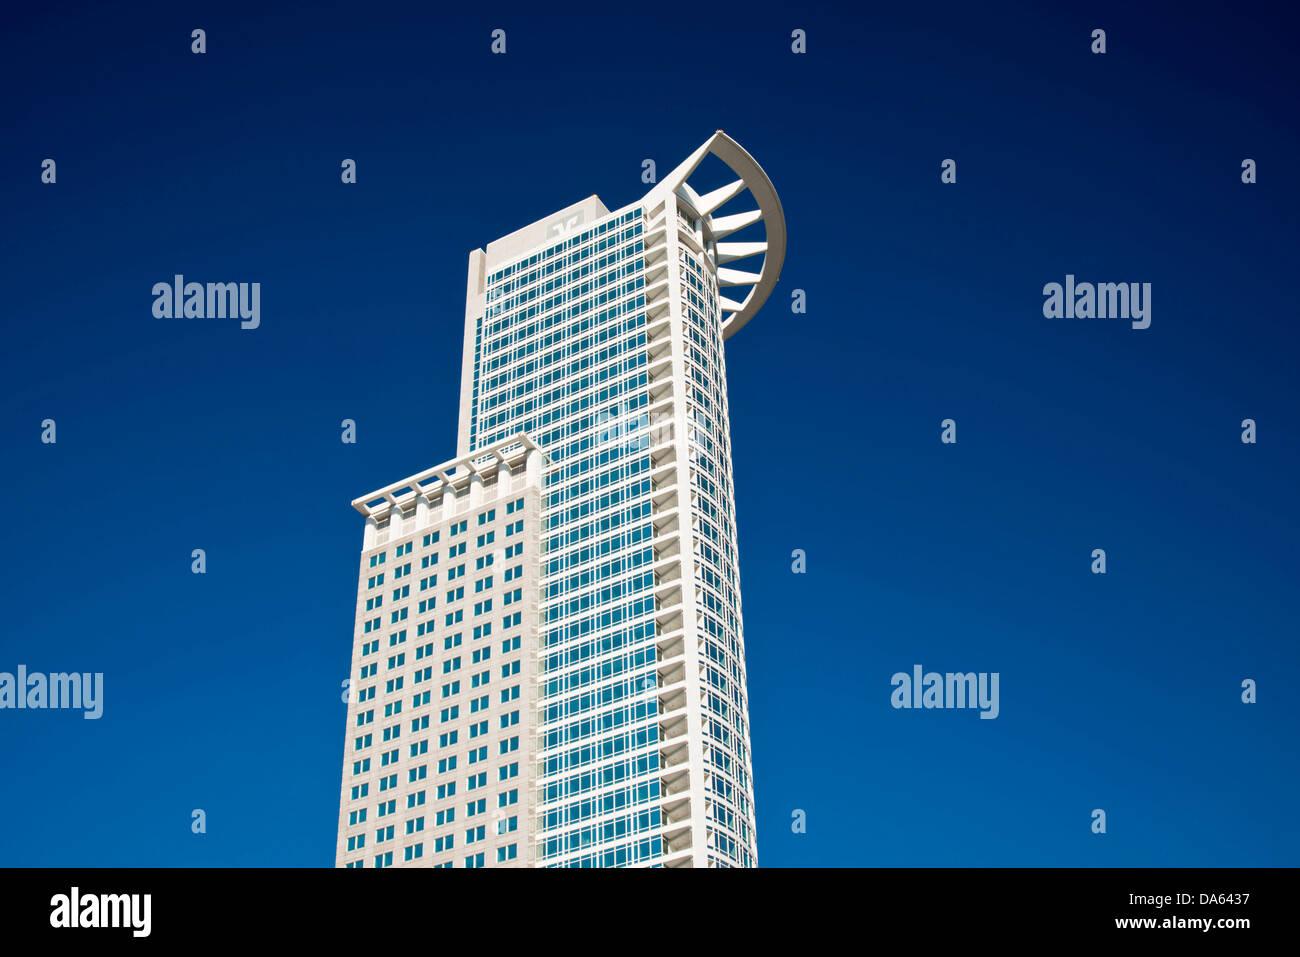 DZ Bank, Tower, Deutsche Zentral-Genossenschaftsbank, head office, Westendtower, Kronenhochhaus, Frankfurt am Main, Stock Photo